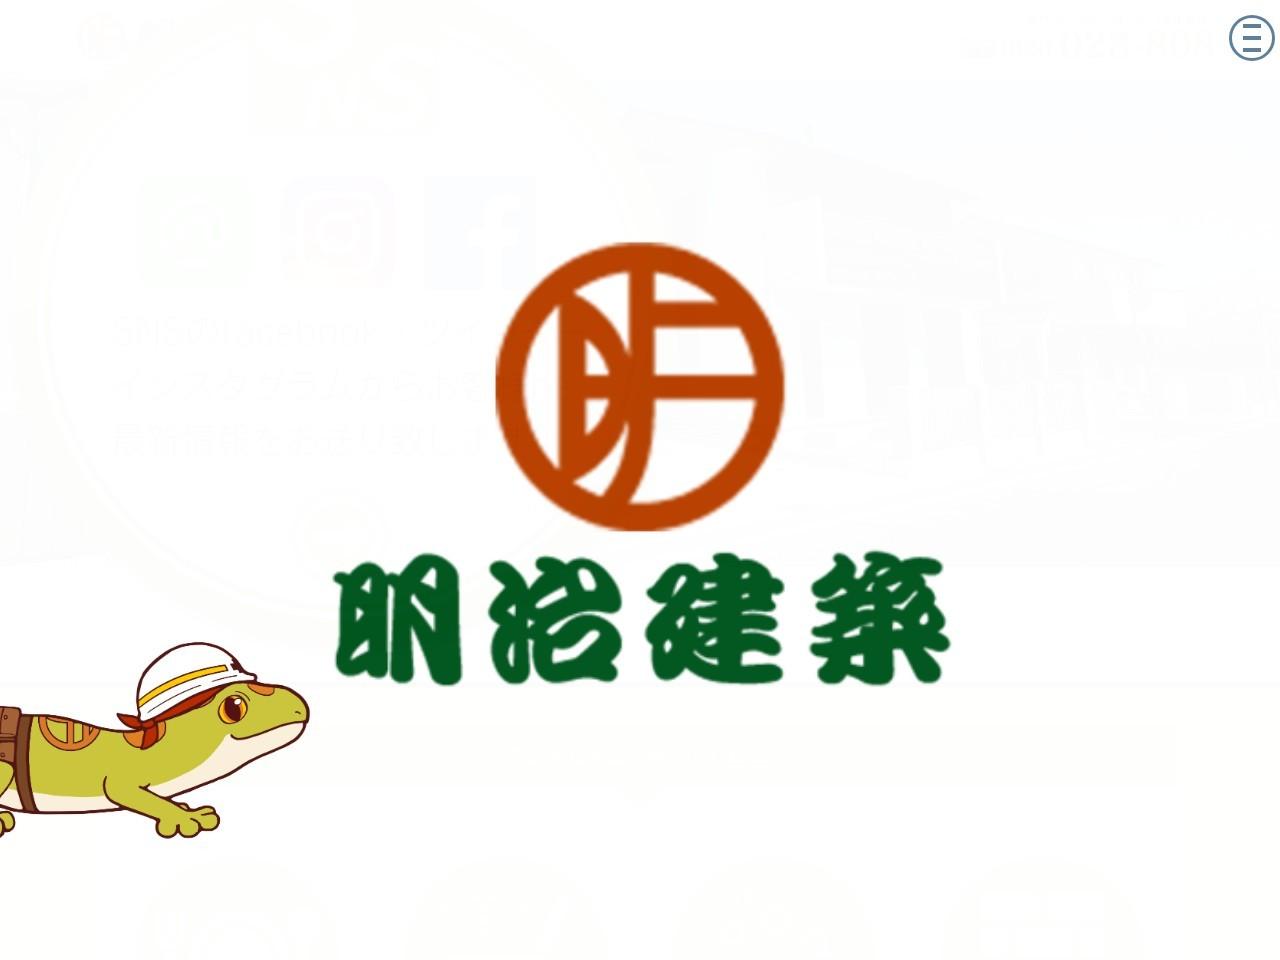 株式会社明治建築茨木店